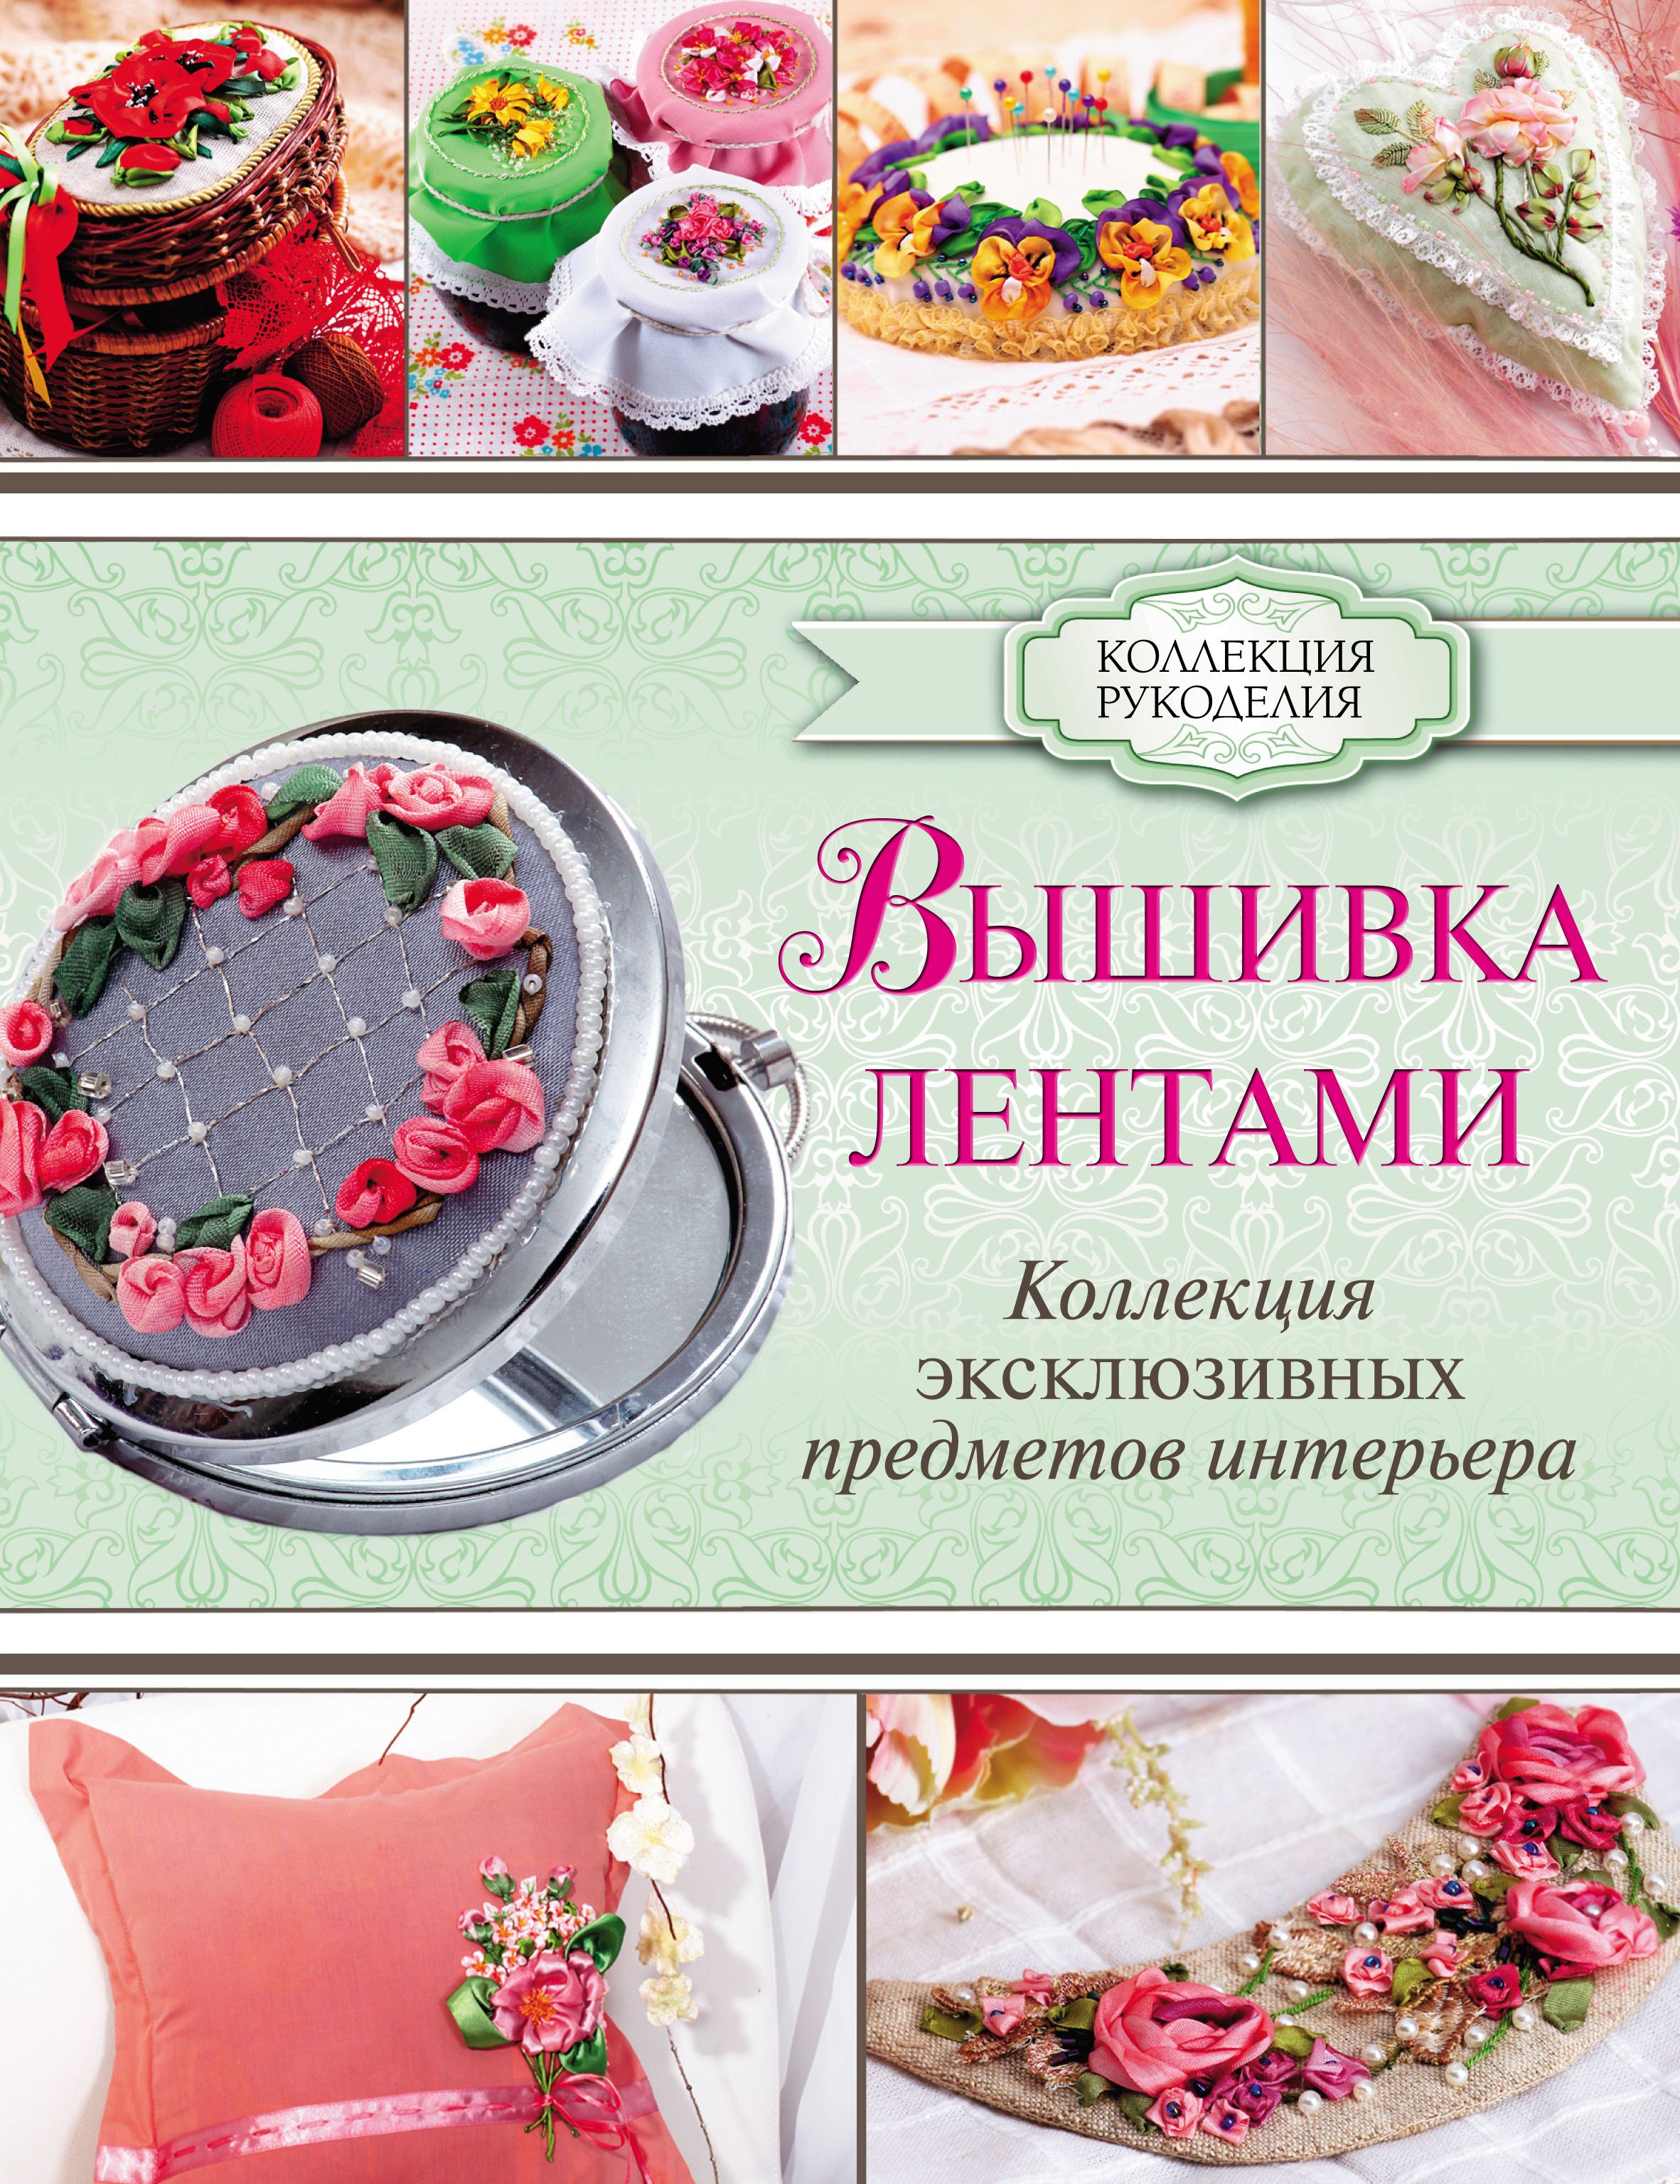 Юлия Журба Вышивка лентами. Коллекция эксклюзивных предметов интерьера цена и фото